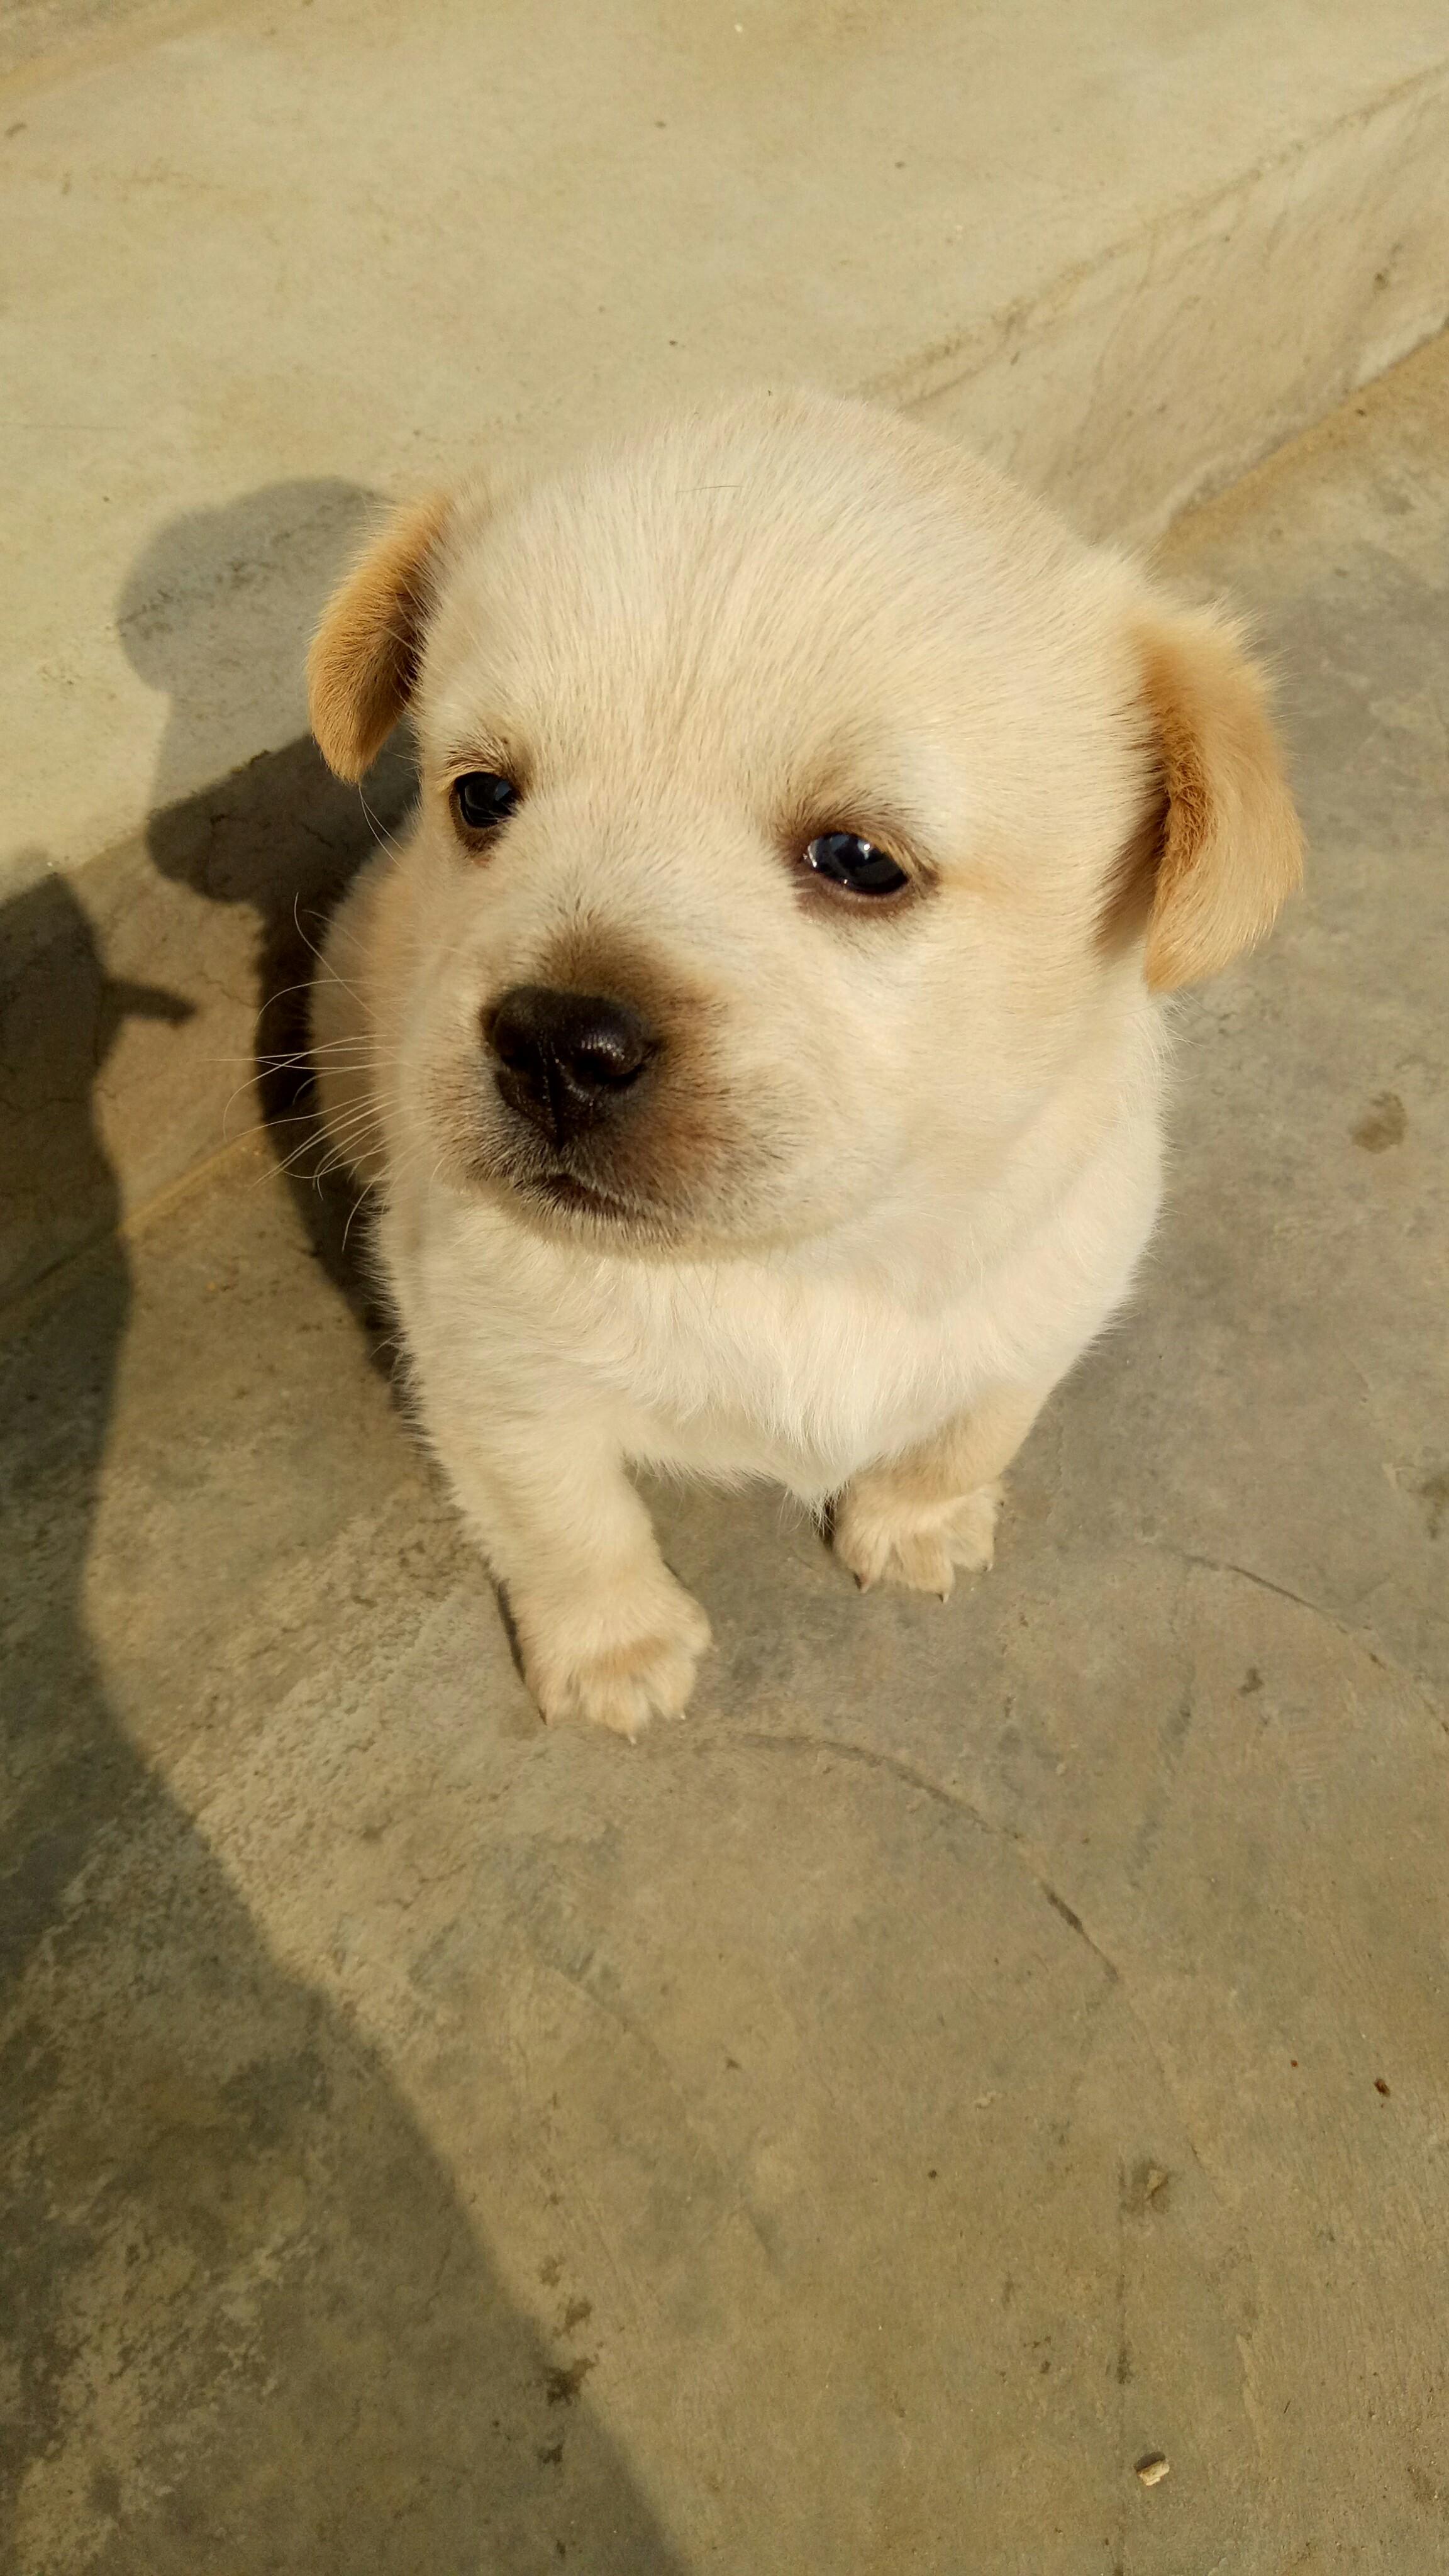 可爱的小狗!_帖子_oppo手机官方社区